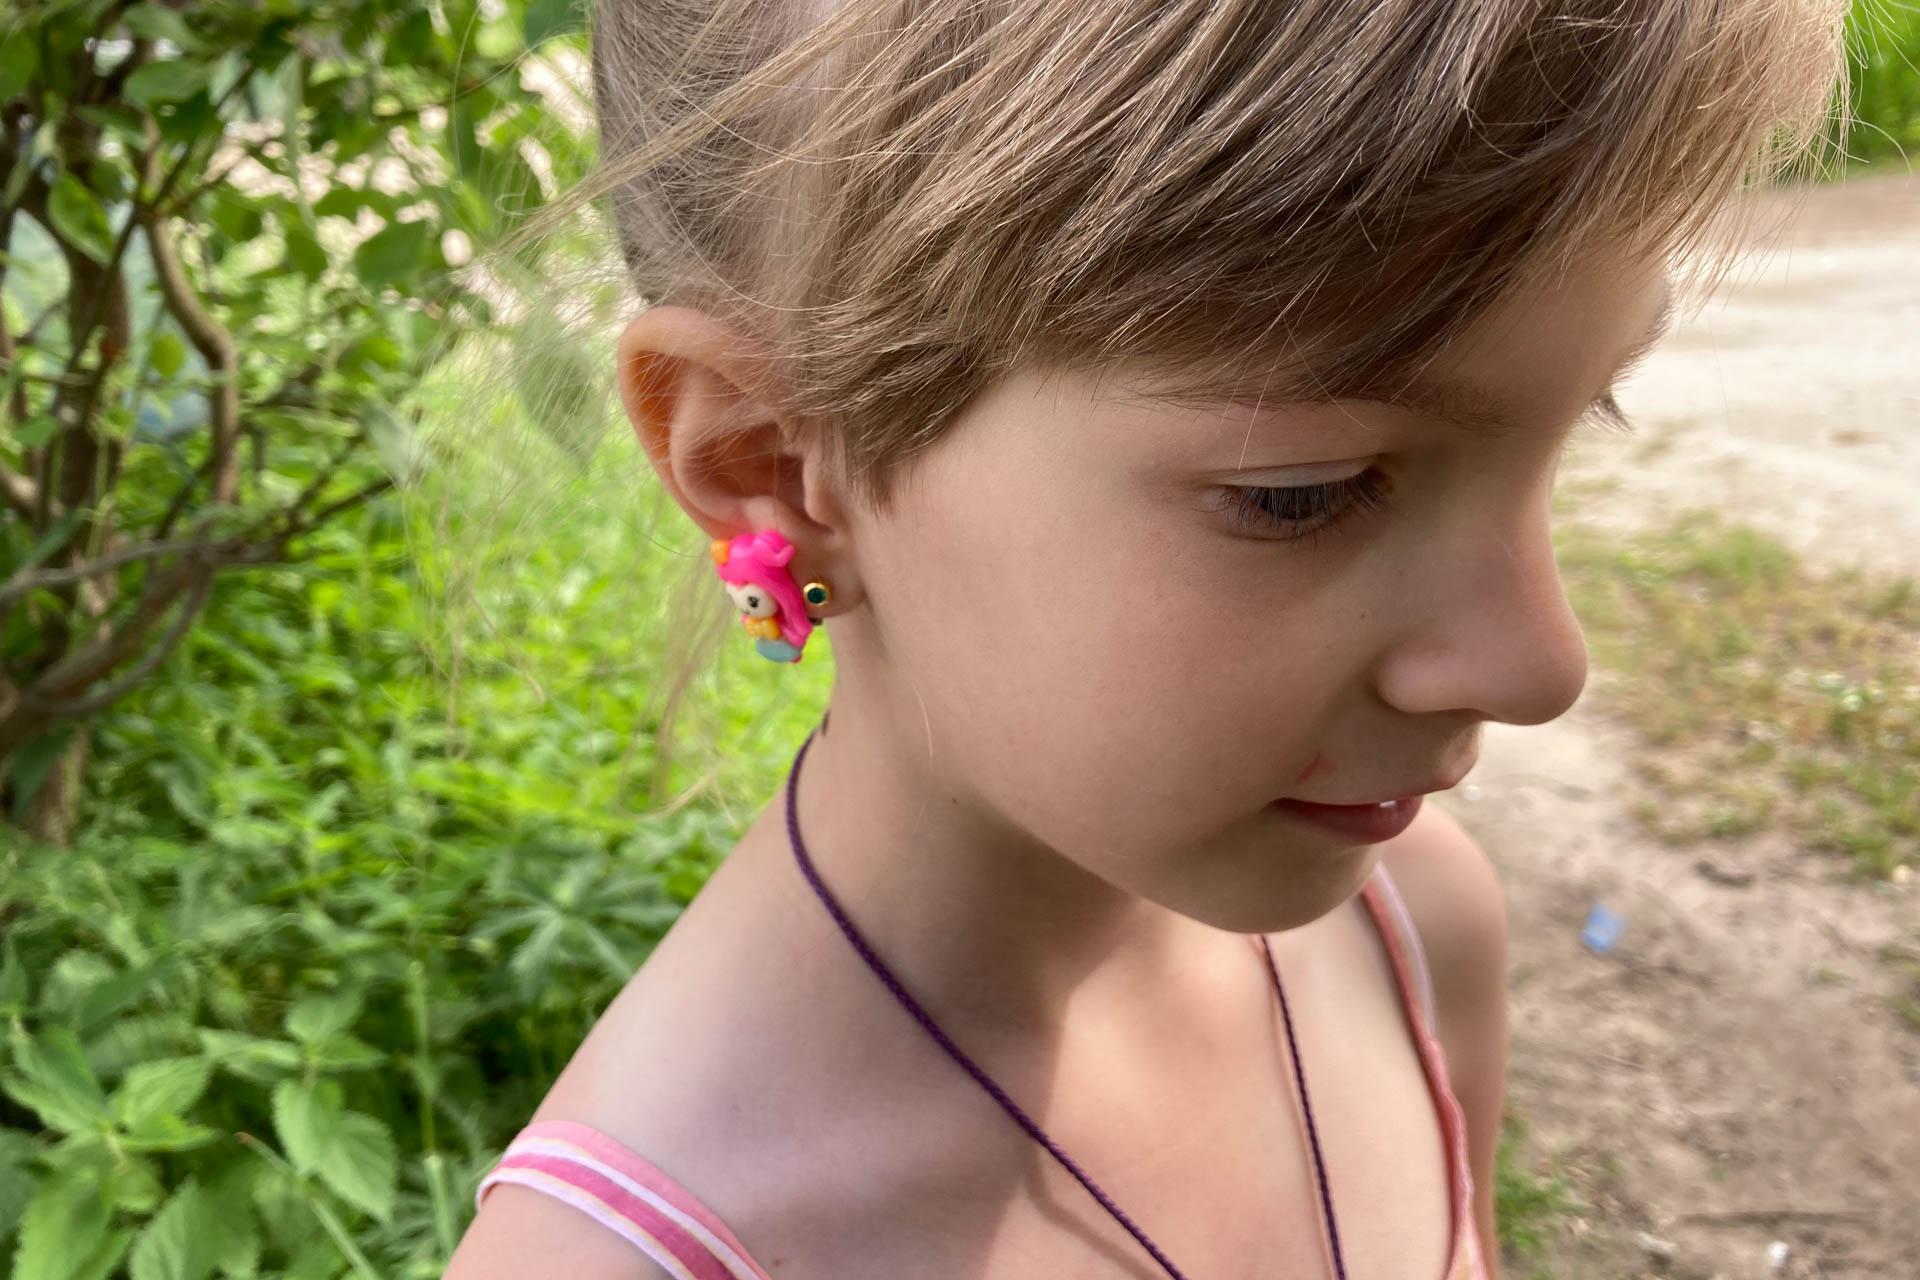 Это подруга. У нее на ушах розовые клипсы. Их ей просто дали померить. Она довольна. Готова сфотографироваться.